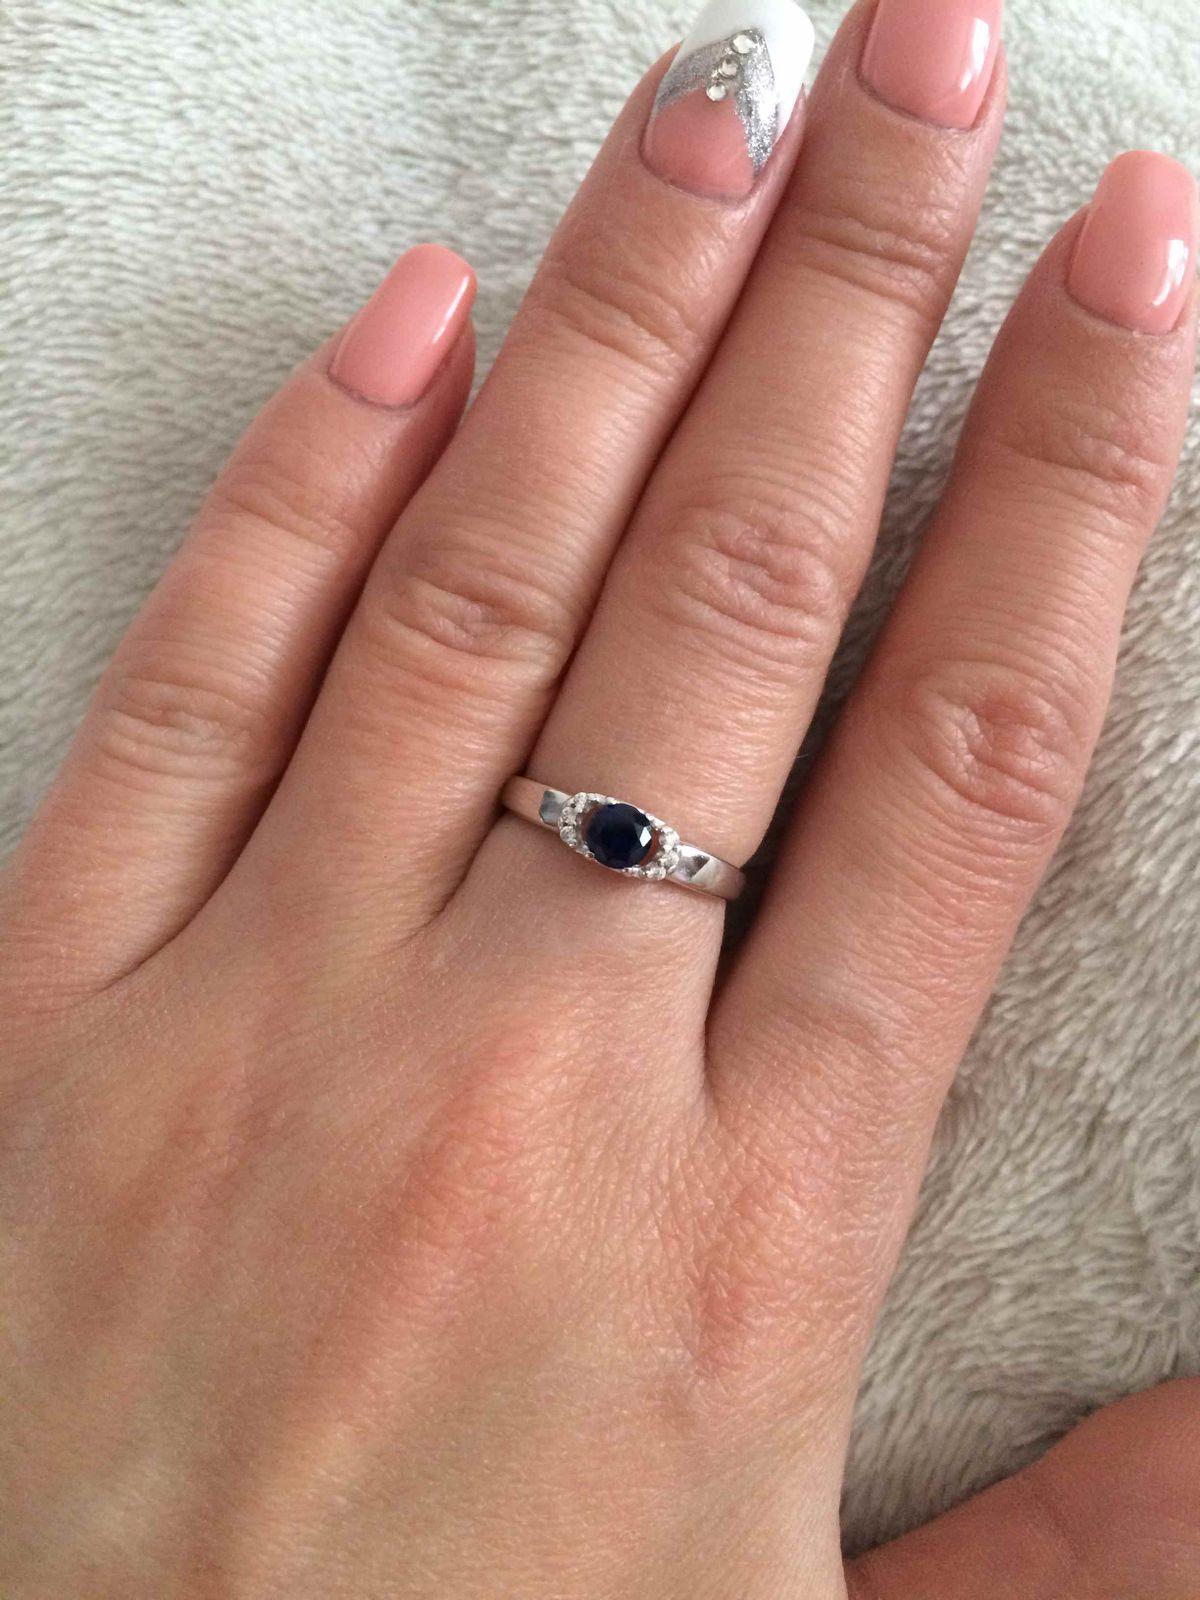 Серебрянное кольцо с сапфиром по отличной цене!